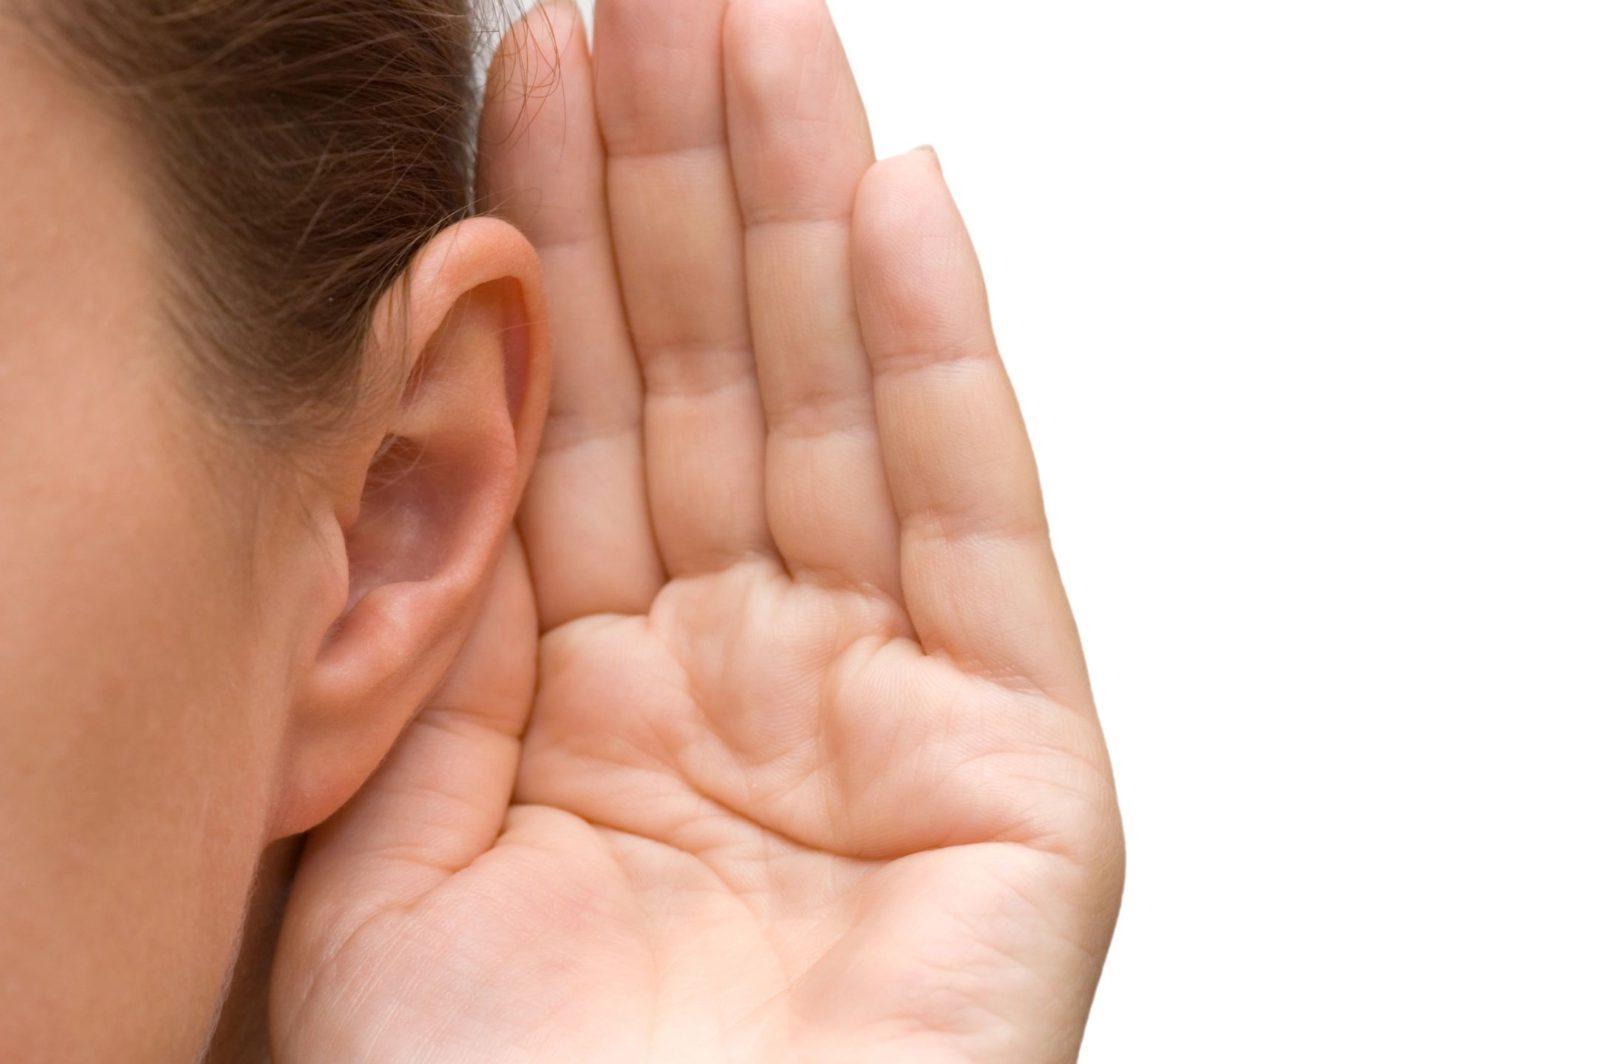 آیا کرونا باعث کم شنوایی و وزوز کردن گوش میشود؟